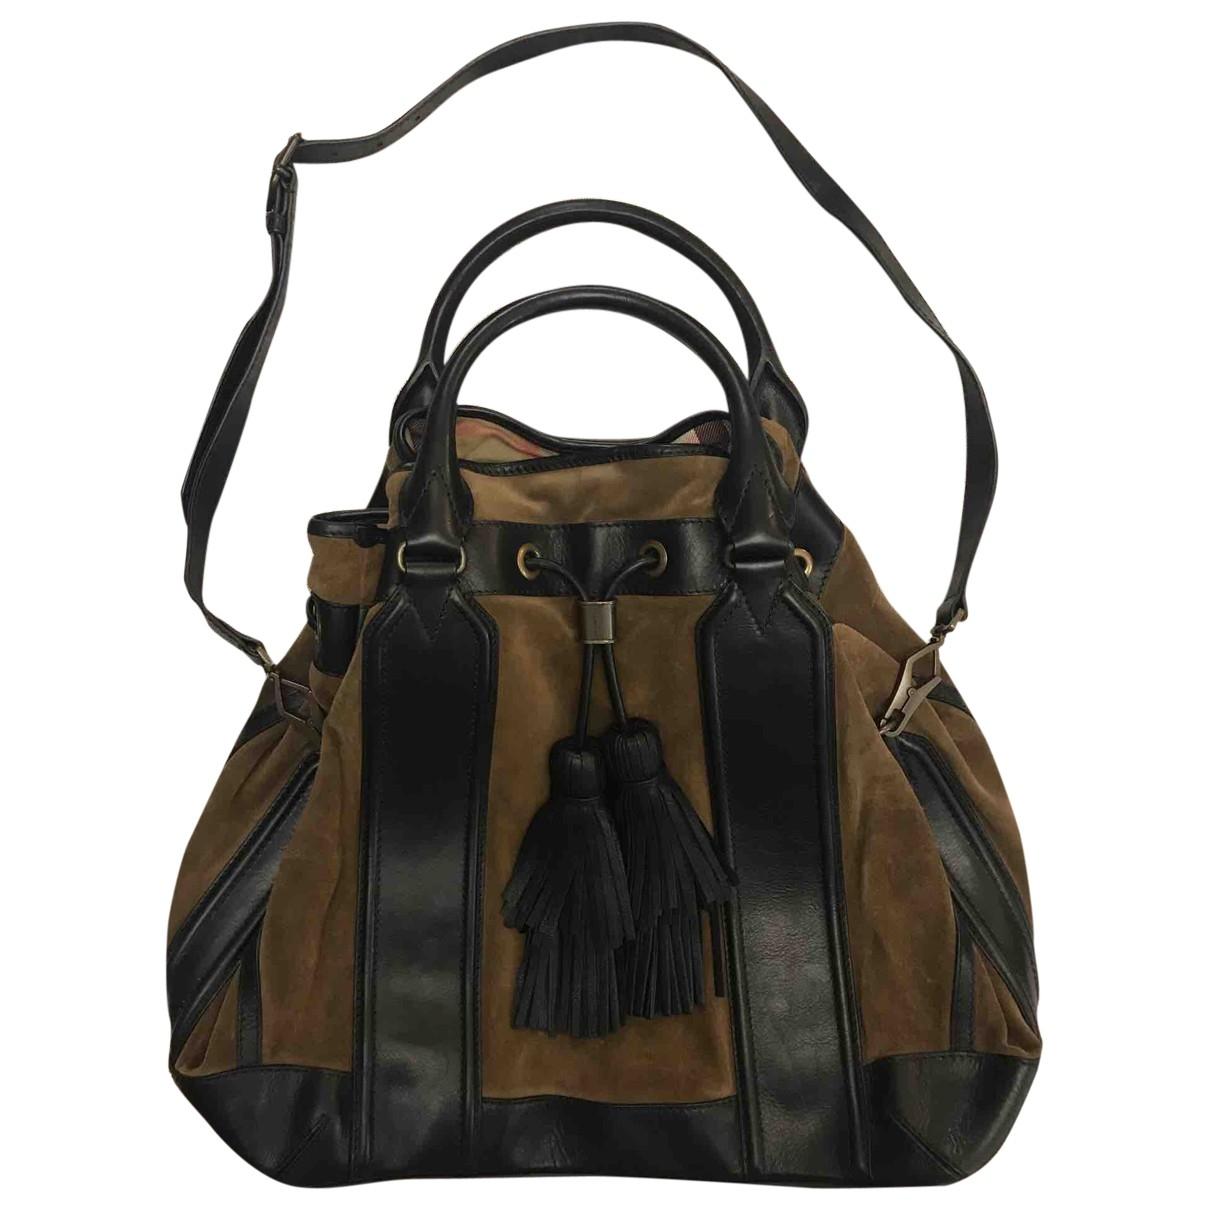 Burberry \N Handtasche in  Braun Lackleder